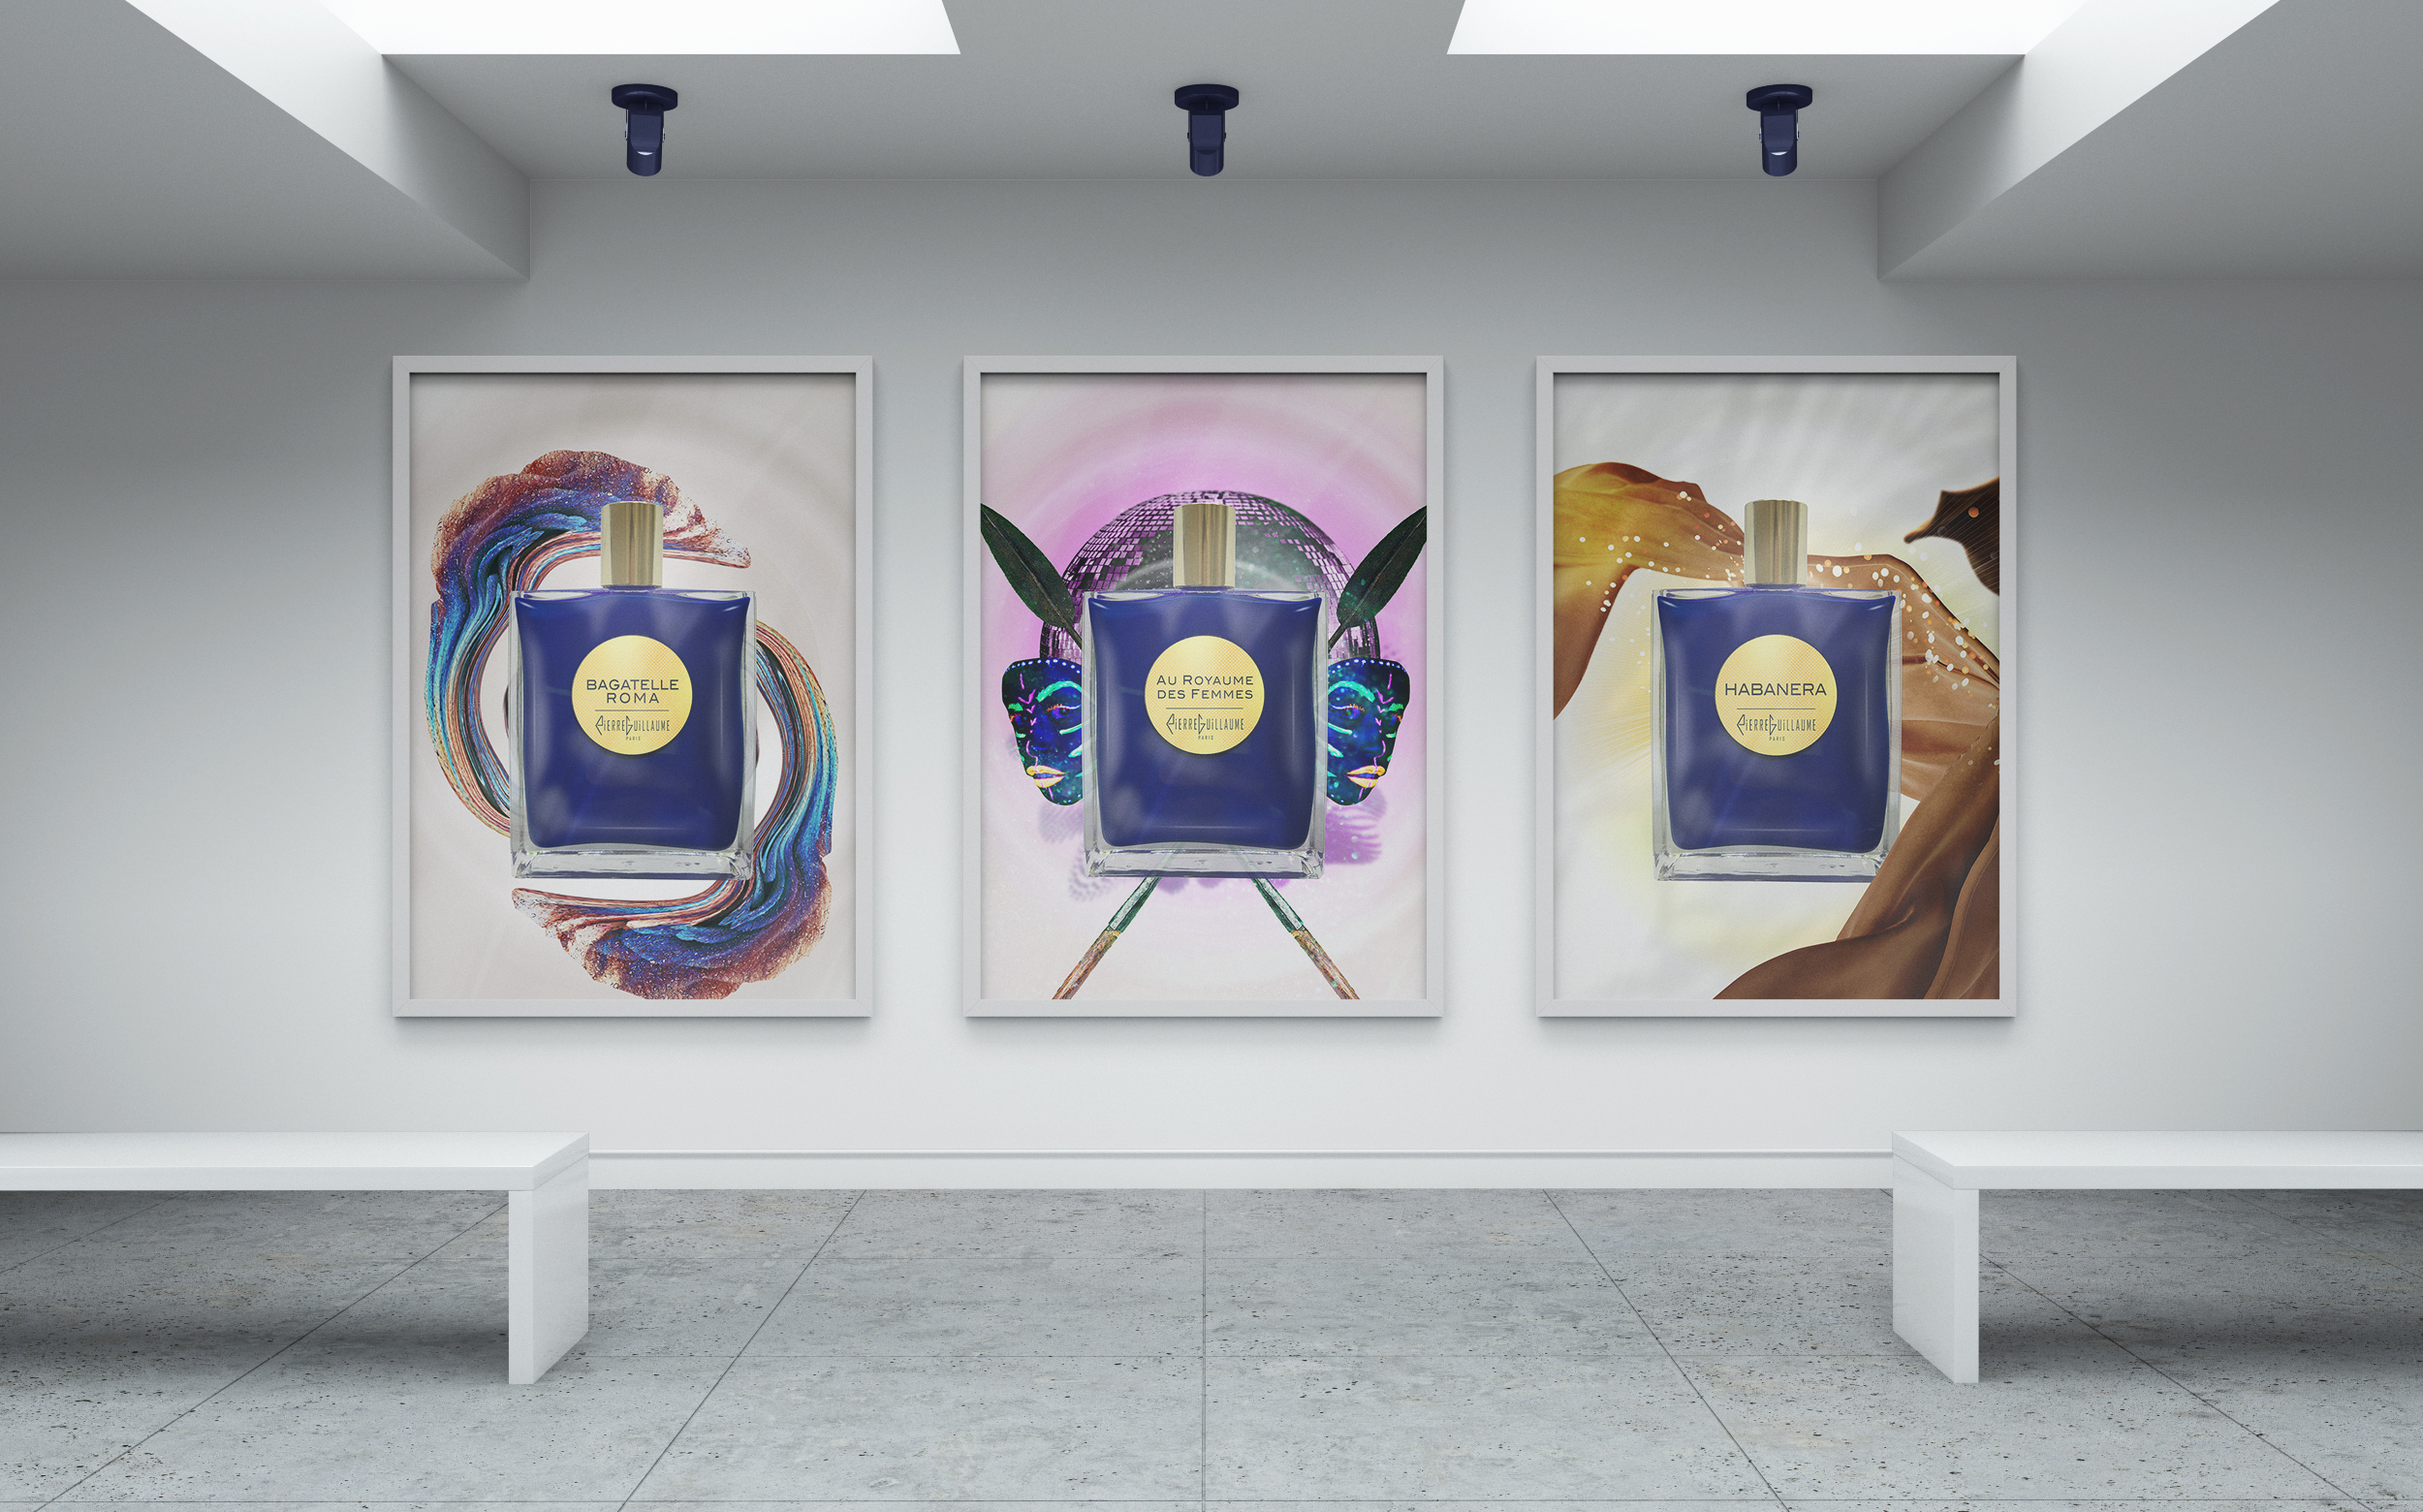 Pierre Guillaume contemplation, gamme de parfums, Haute Parfumerie, Pierre Guillaume Paris